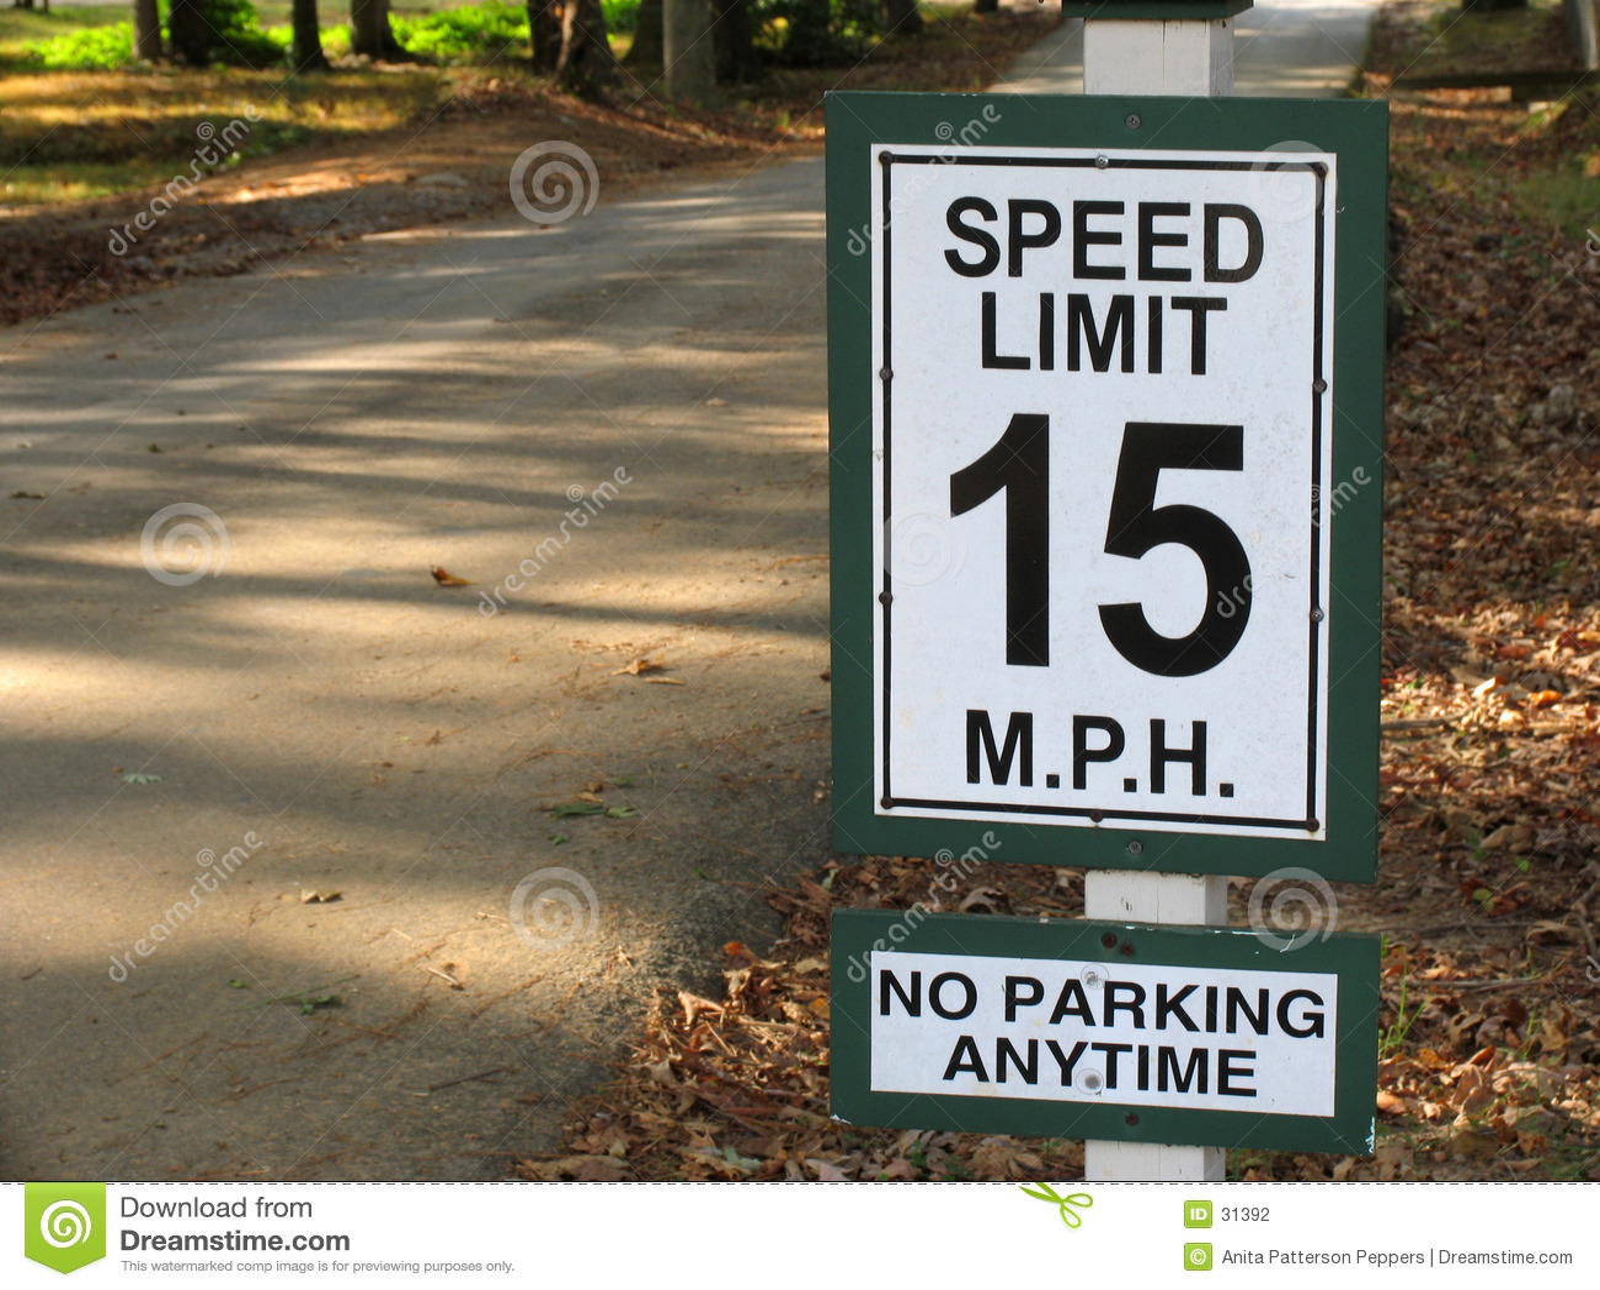 Höchstgeschwindigkeit 15mph